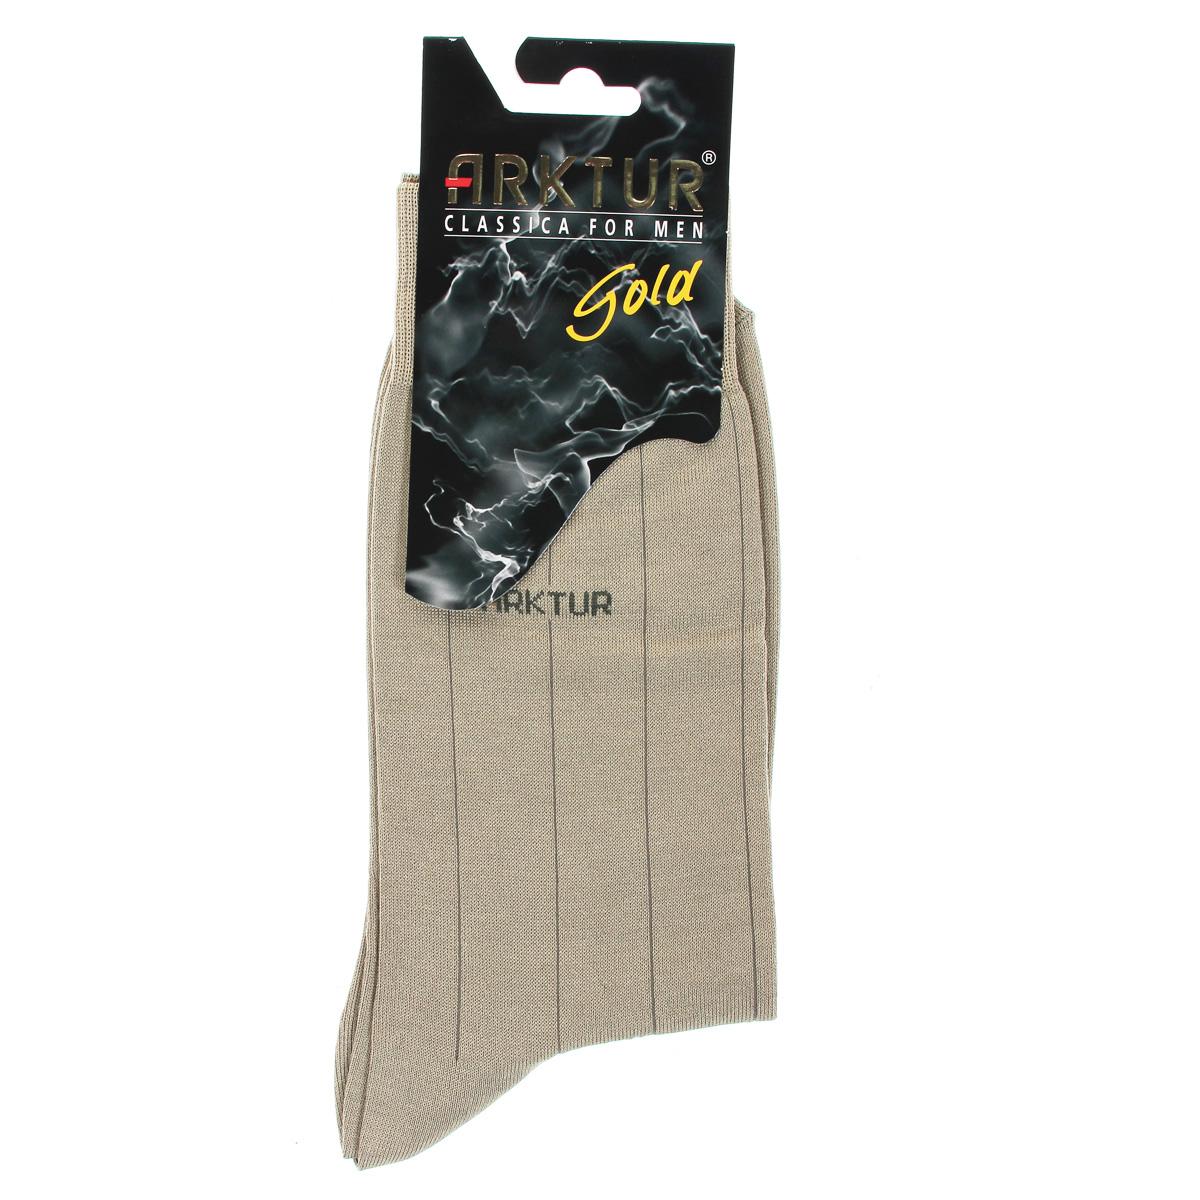 Носки мужские Arktur, цвет: светло-бежевый. Л151. Размер 44/45Л151Мужские носки Arktur престижного класса. Носки превосходного качества из мерсеризованного хлопка отличаются гладкой текстурой и шелковистостью, что создает приятное ощущение нежности и прохлады. Эргономичная резинка пресс-контроль комфортно облегает ногу. Носки обладают повышенной прочностью, не подвержены усадке. Усиленная пятка и мысок. Удлиненный паголенок.Идеальное сочетание практичности, комфорта и элегантности!